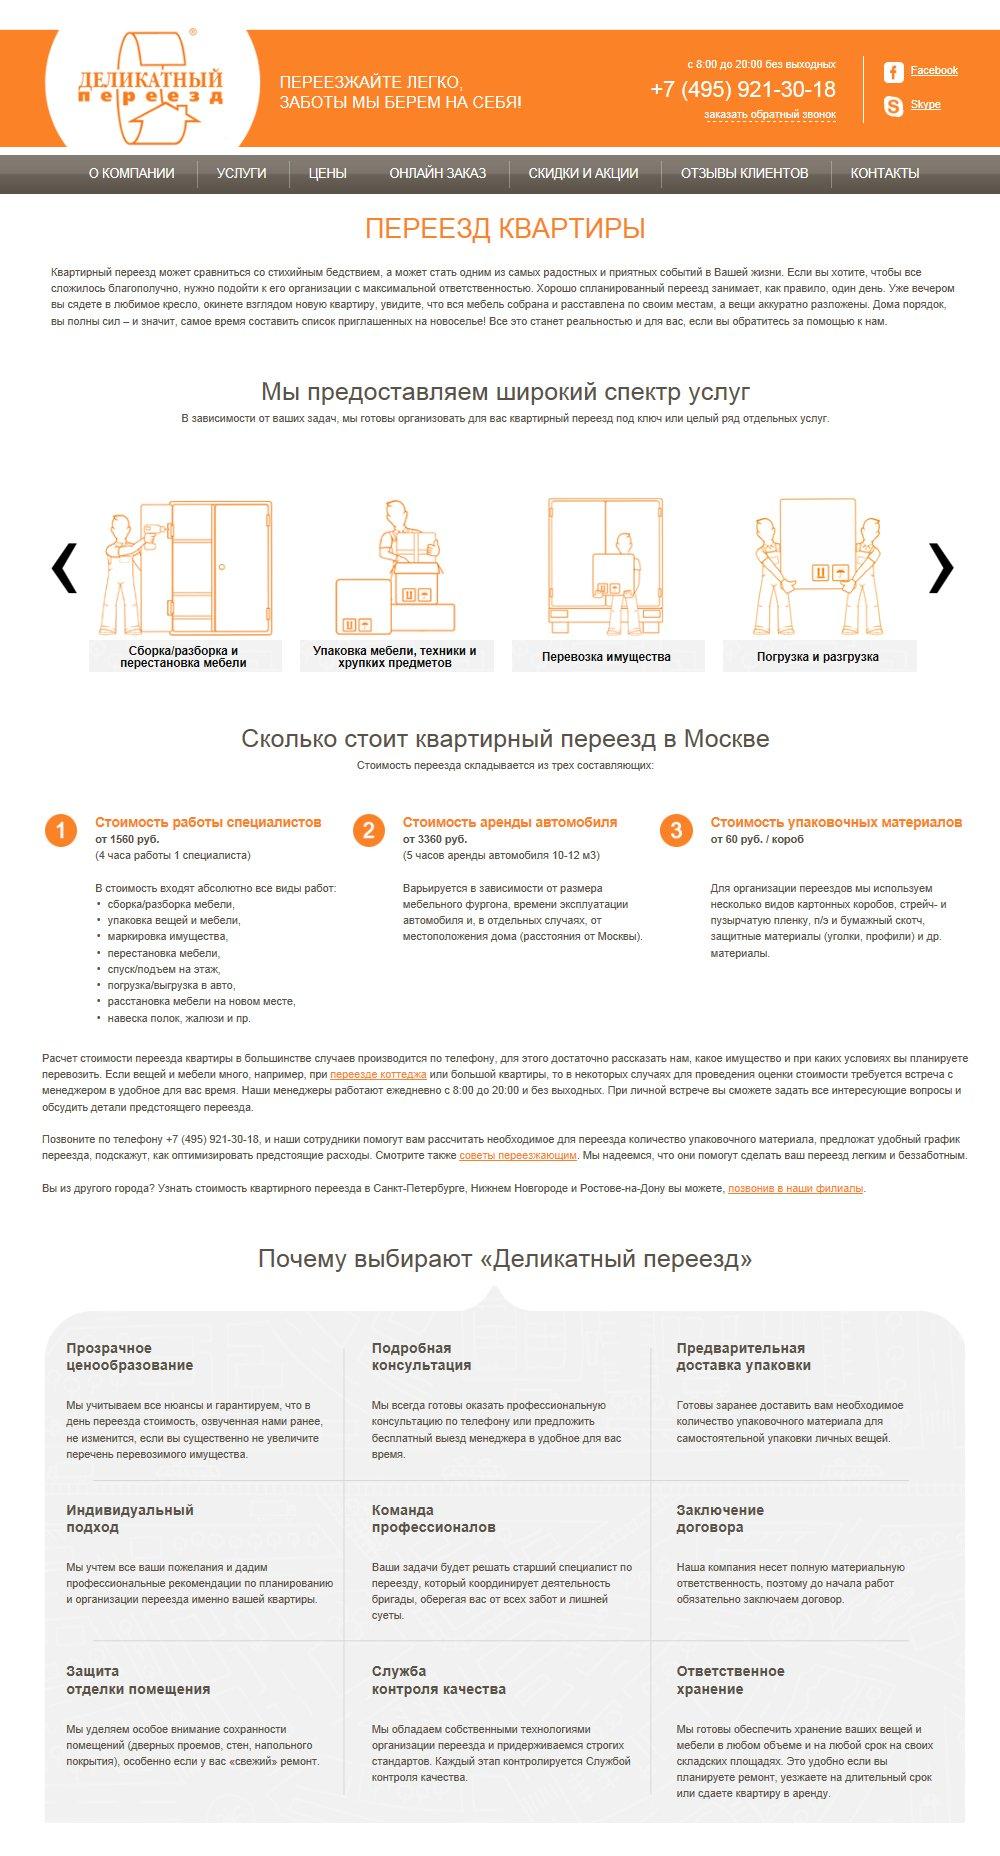 Пример текстовой страницы на сайте мувинговой компании «Деликатный переезд»